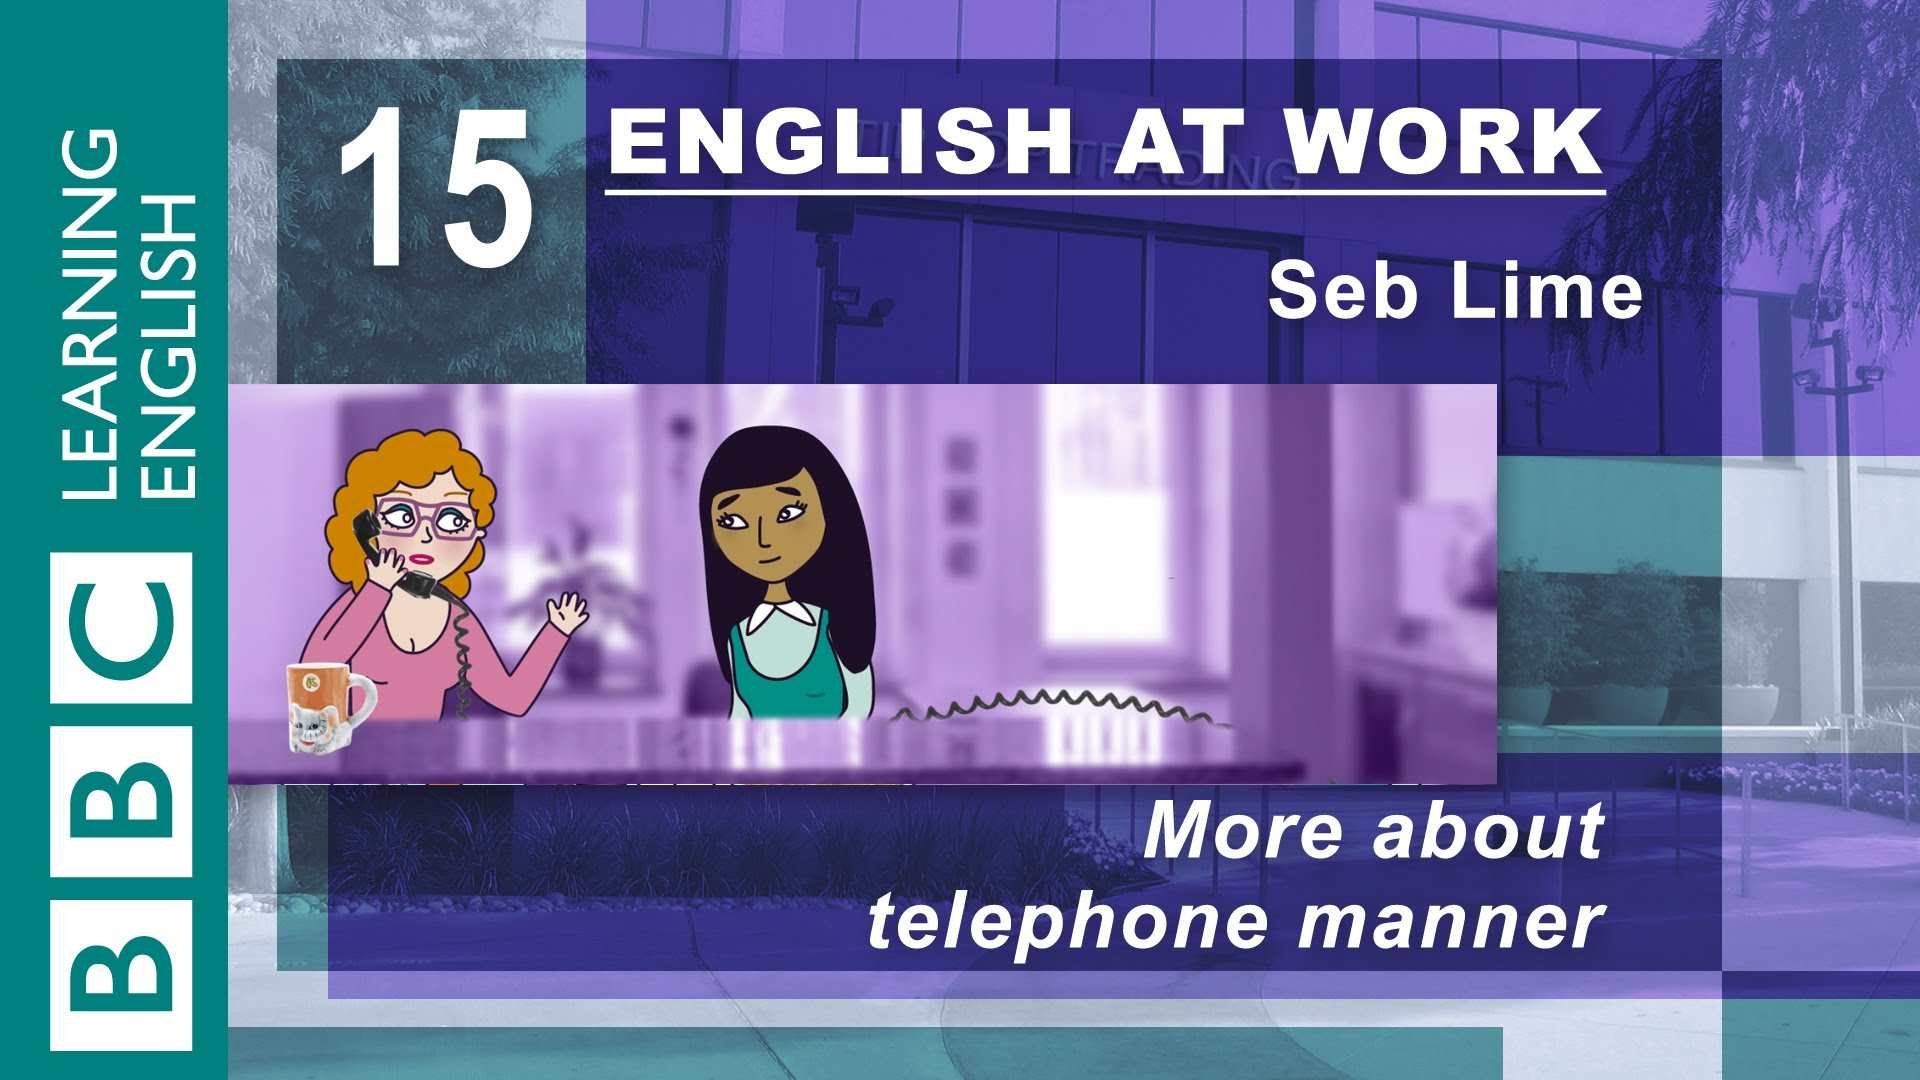 超實用商用英語電話會話,讓你接洽客戶不再吃螺絲!